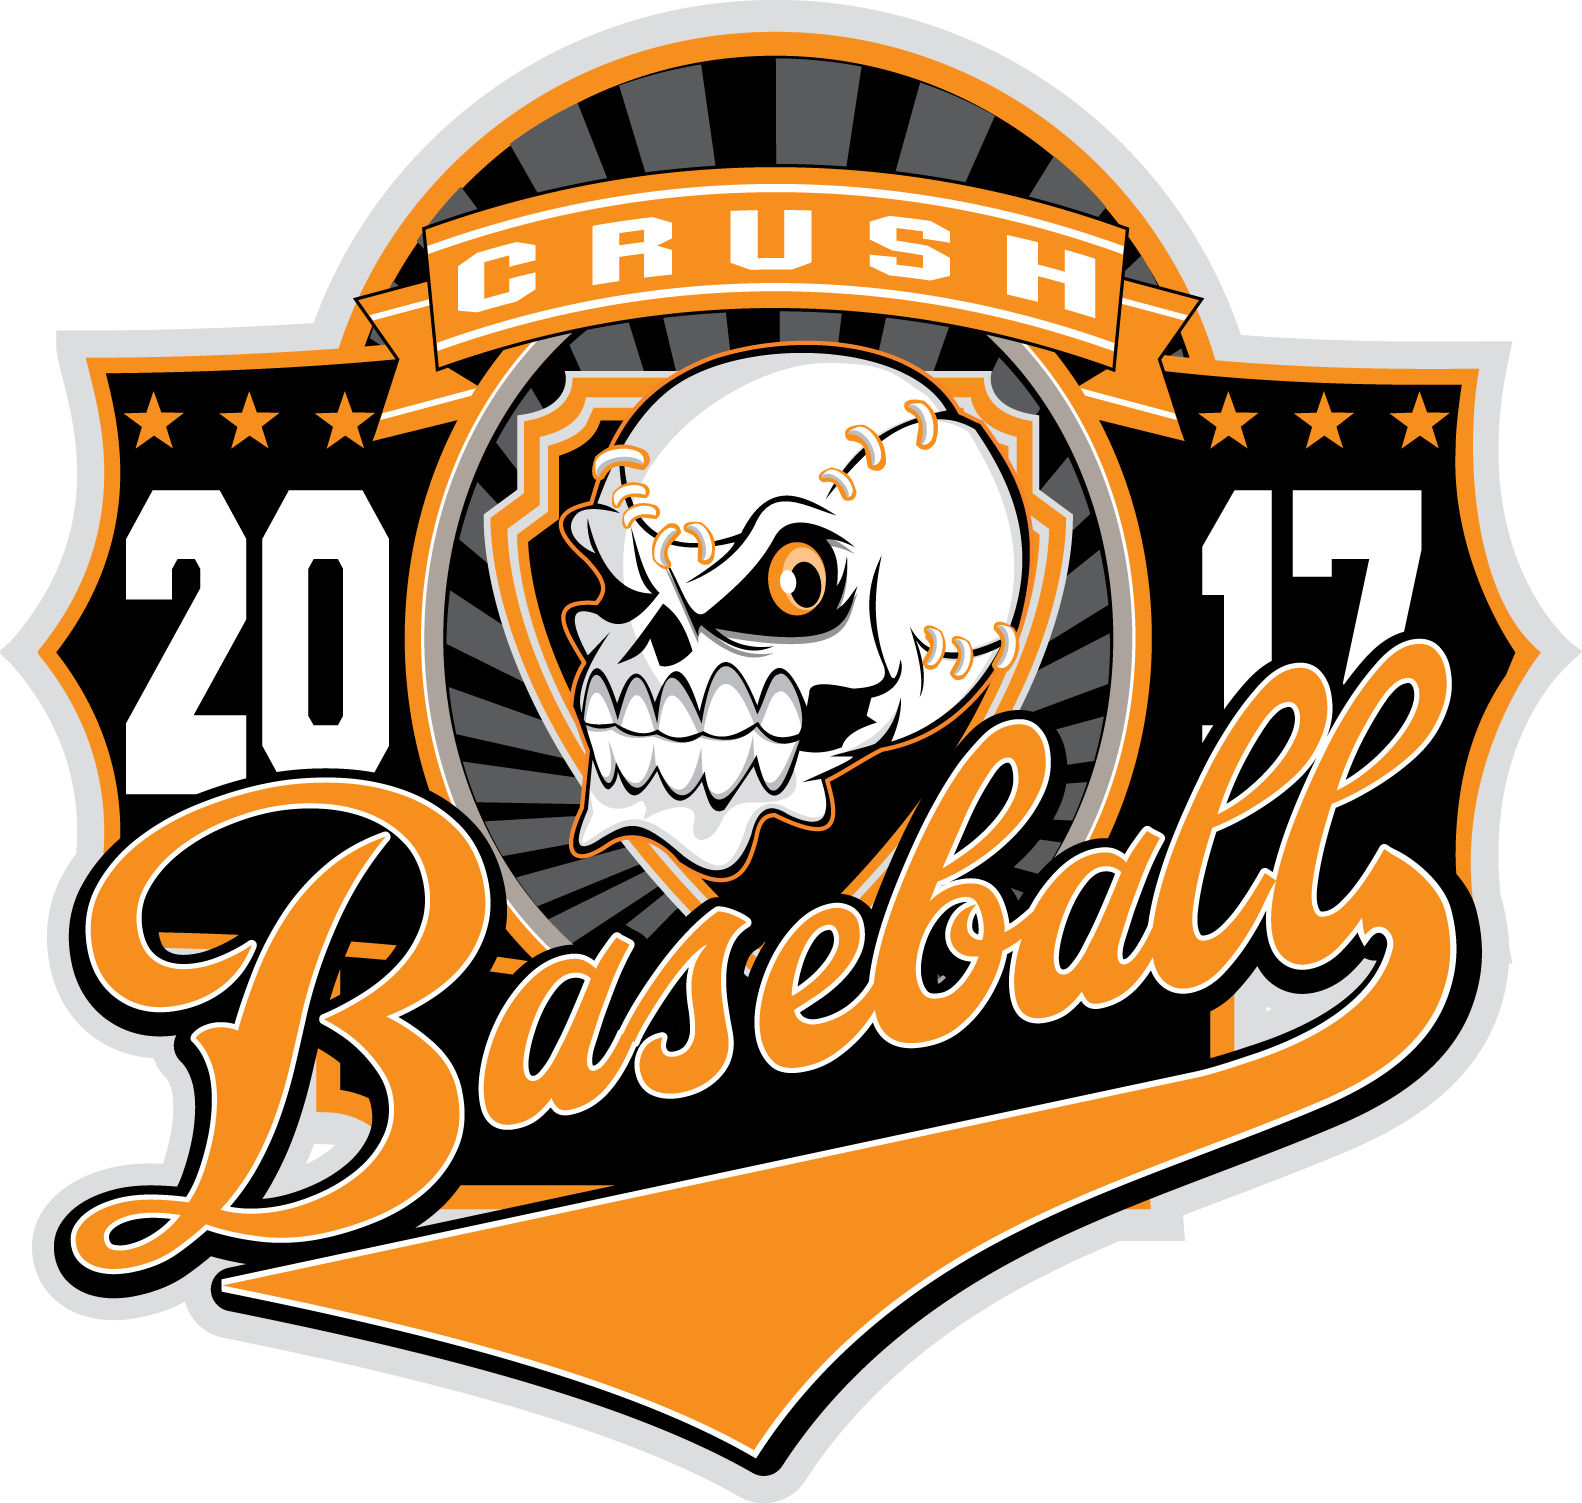 11U Crush Baseball